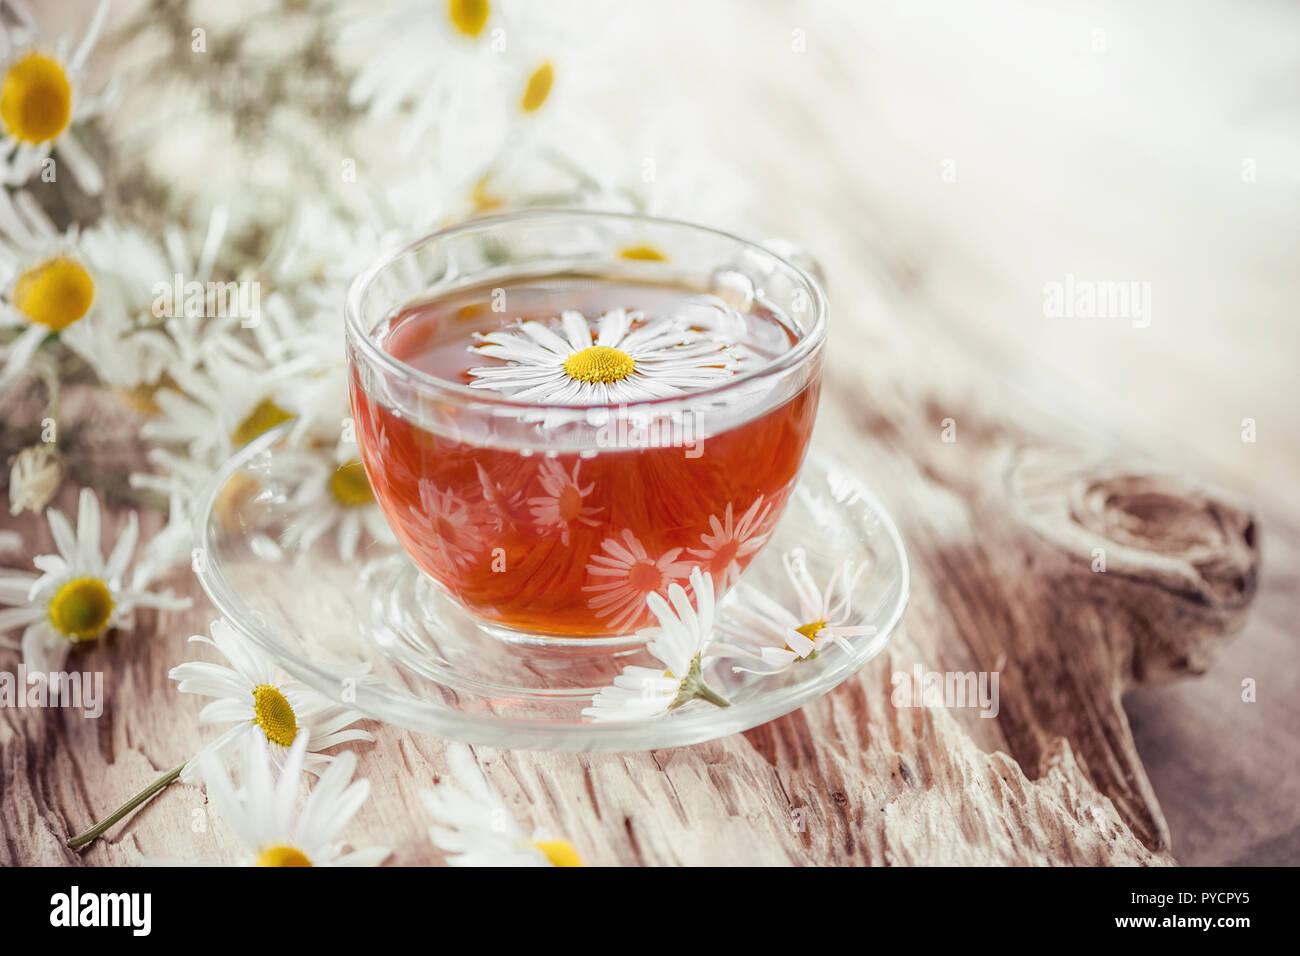 Borrar una taza de té de manzanilla medicinal sobre una mesa de madera antigua. Concepto de salud y estilo de vida saludable. Imagen De Stock